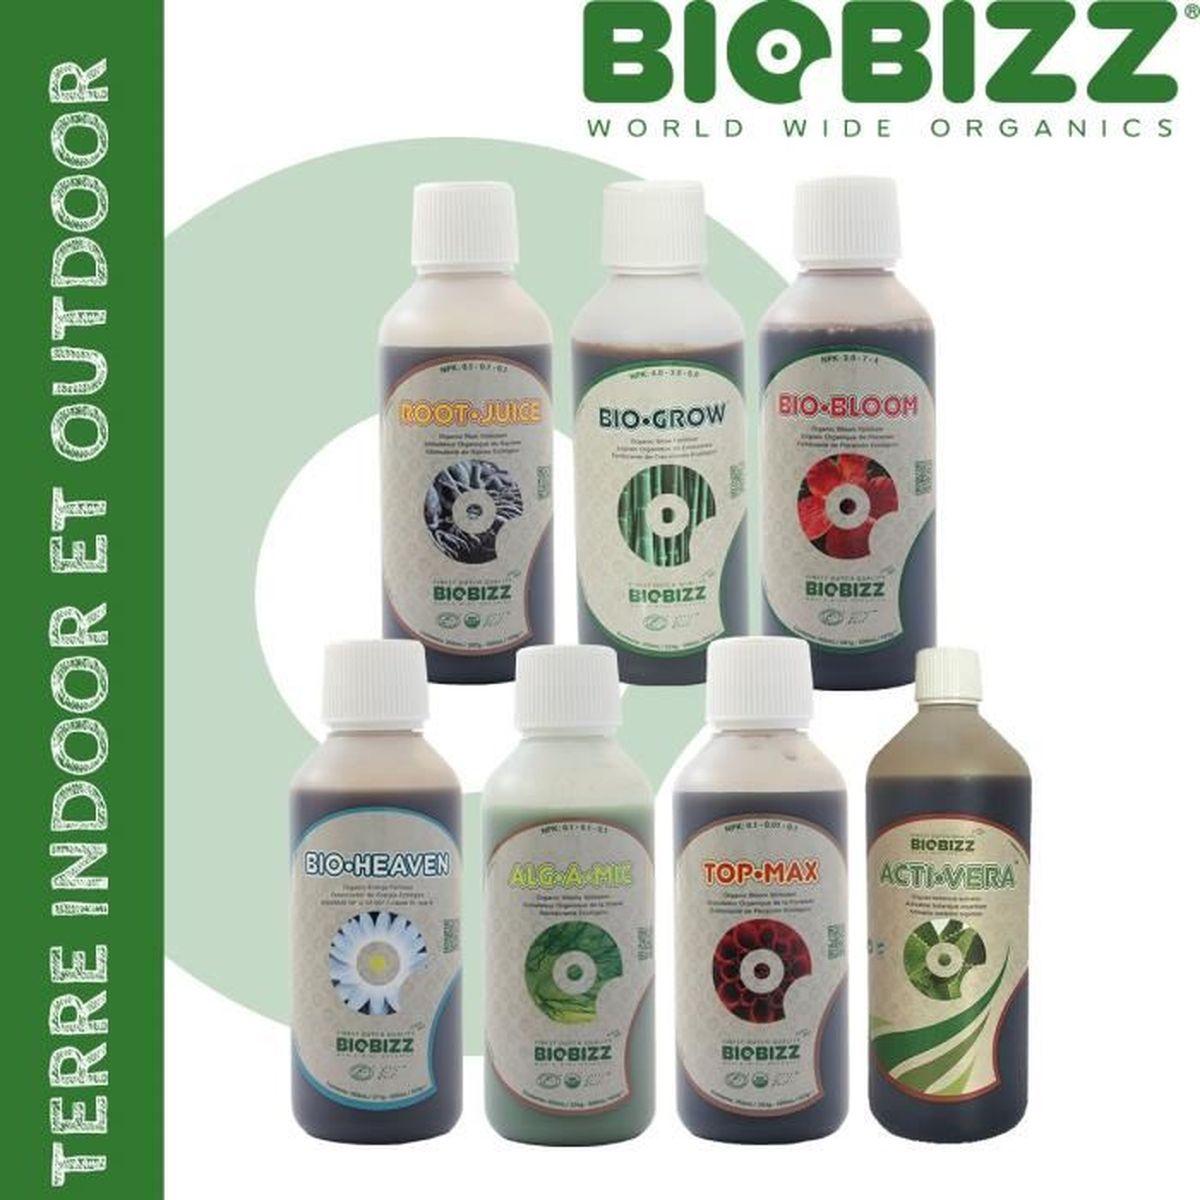 Pack engrais biobizz achat vente pas cher for Pack chambre de culture pas cher